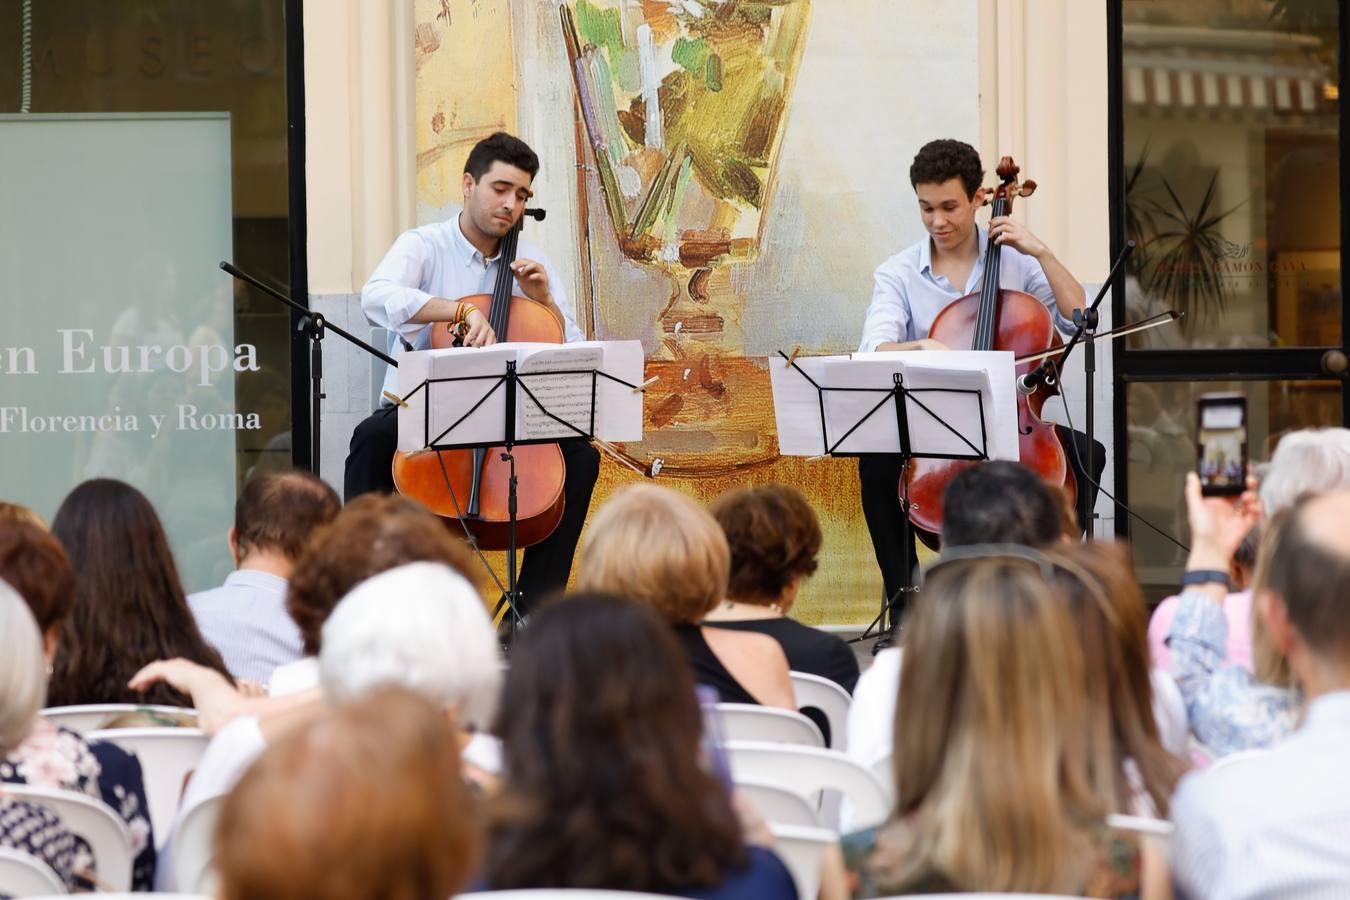 Artistas y público festejan el Día Europeo de la Música